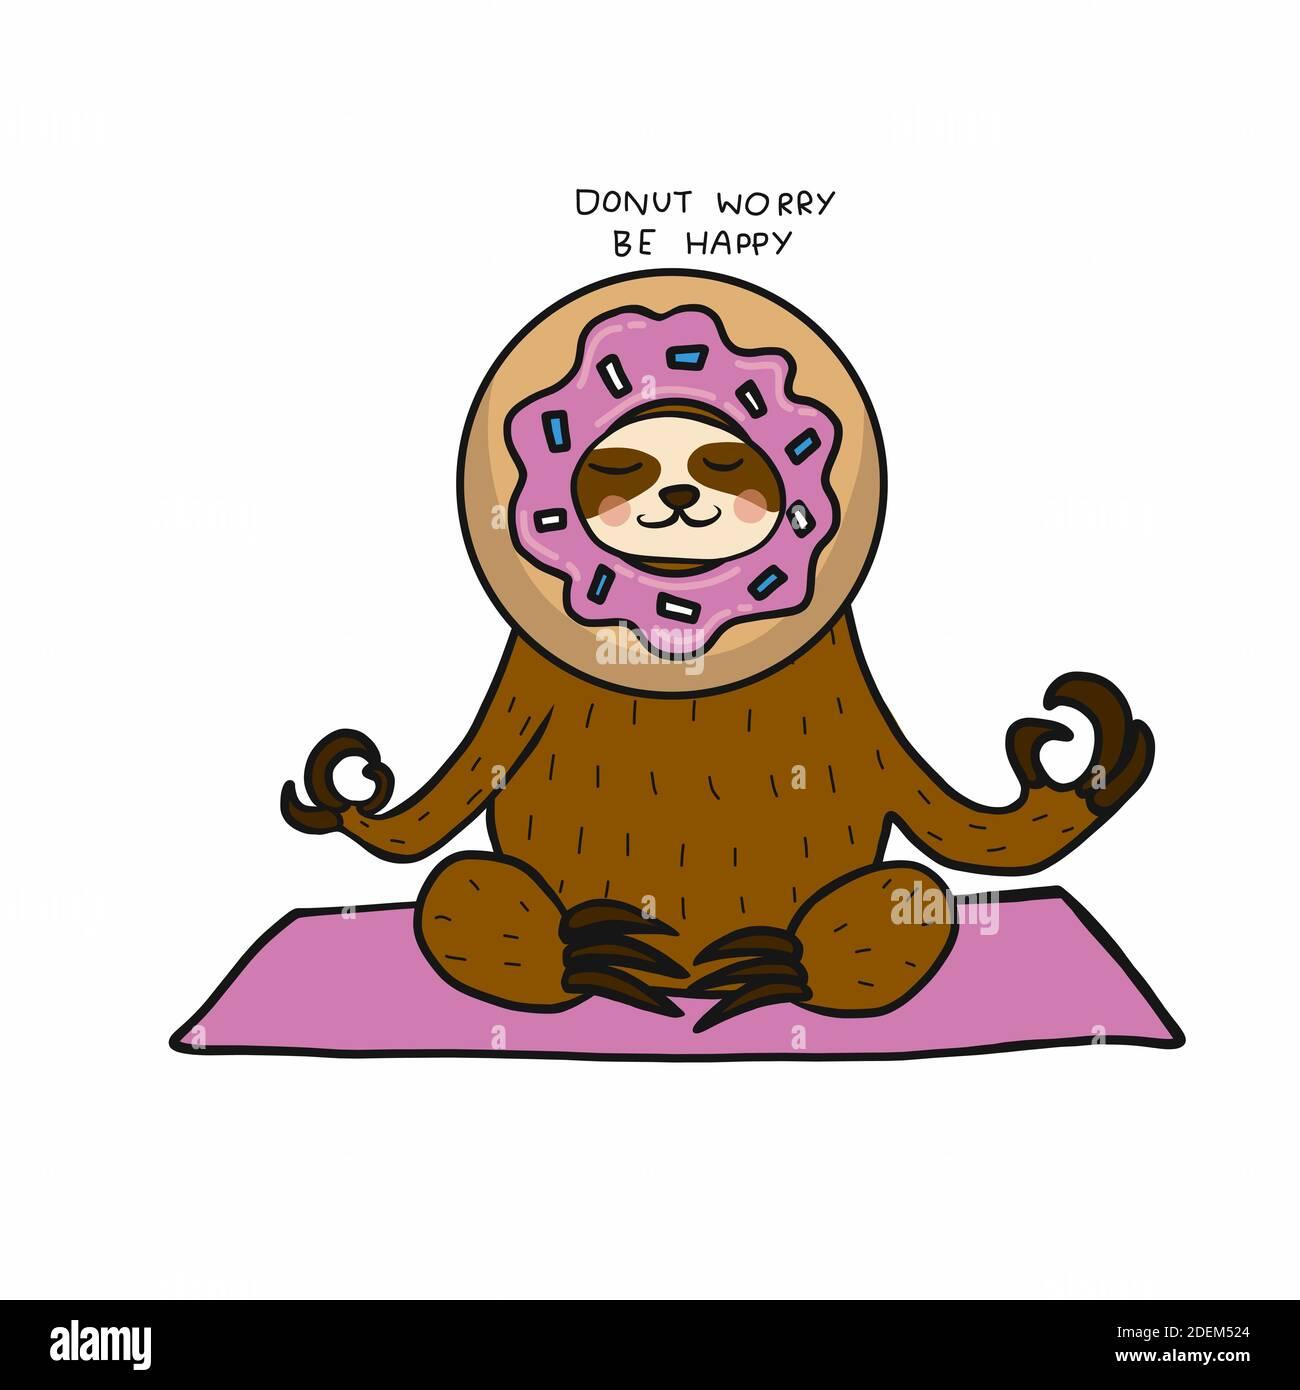 Sloth indossare testa ciambella, la preoccupazione di Donut essere felice cartoon vettore illustrazione Illustrazione Vettoriale